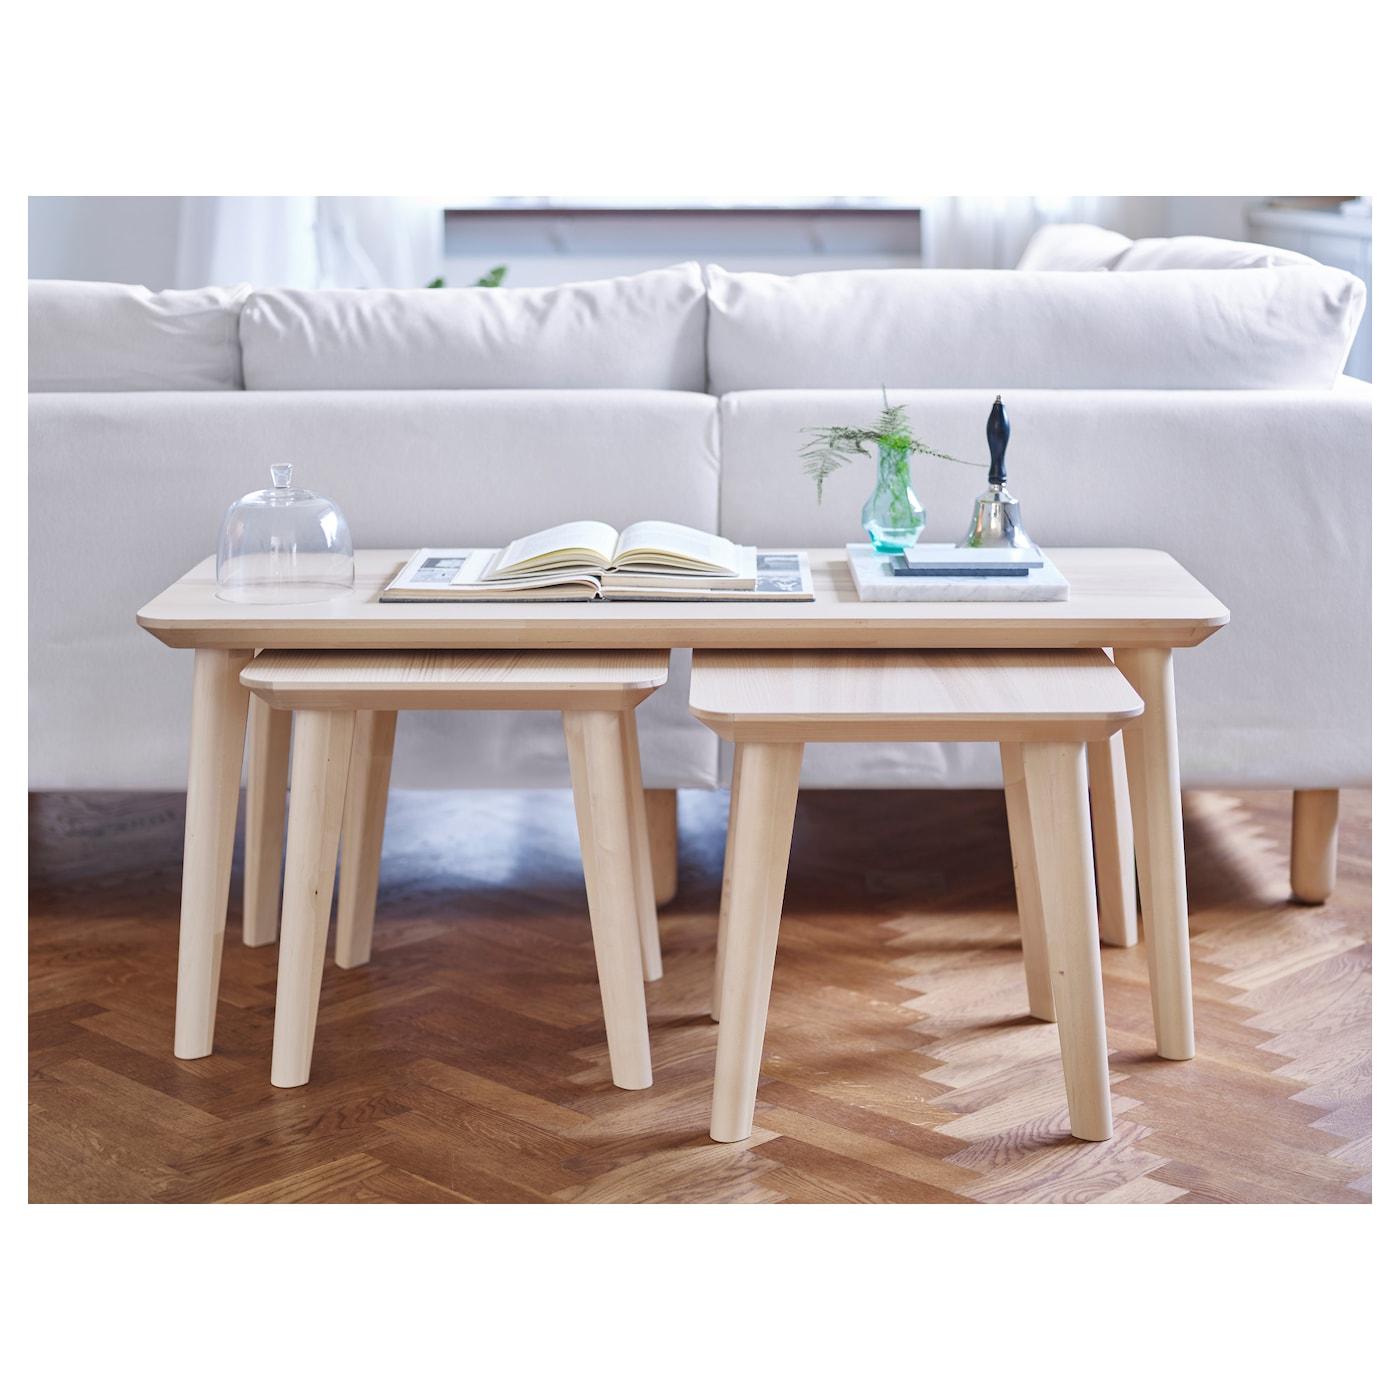 lisabo side table ash veneer 45x45 cm ikea. Black Bedroom Furniture Sets. Home Design Ideas